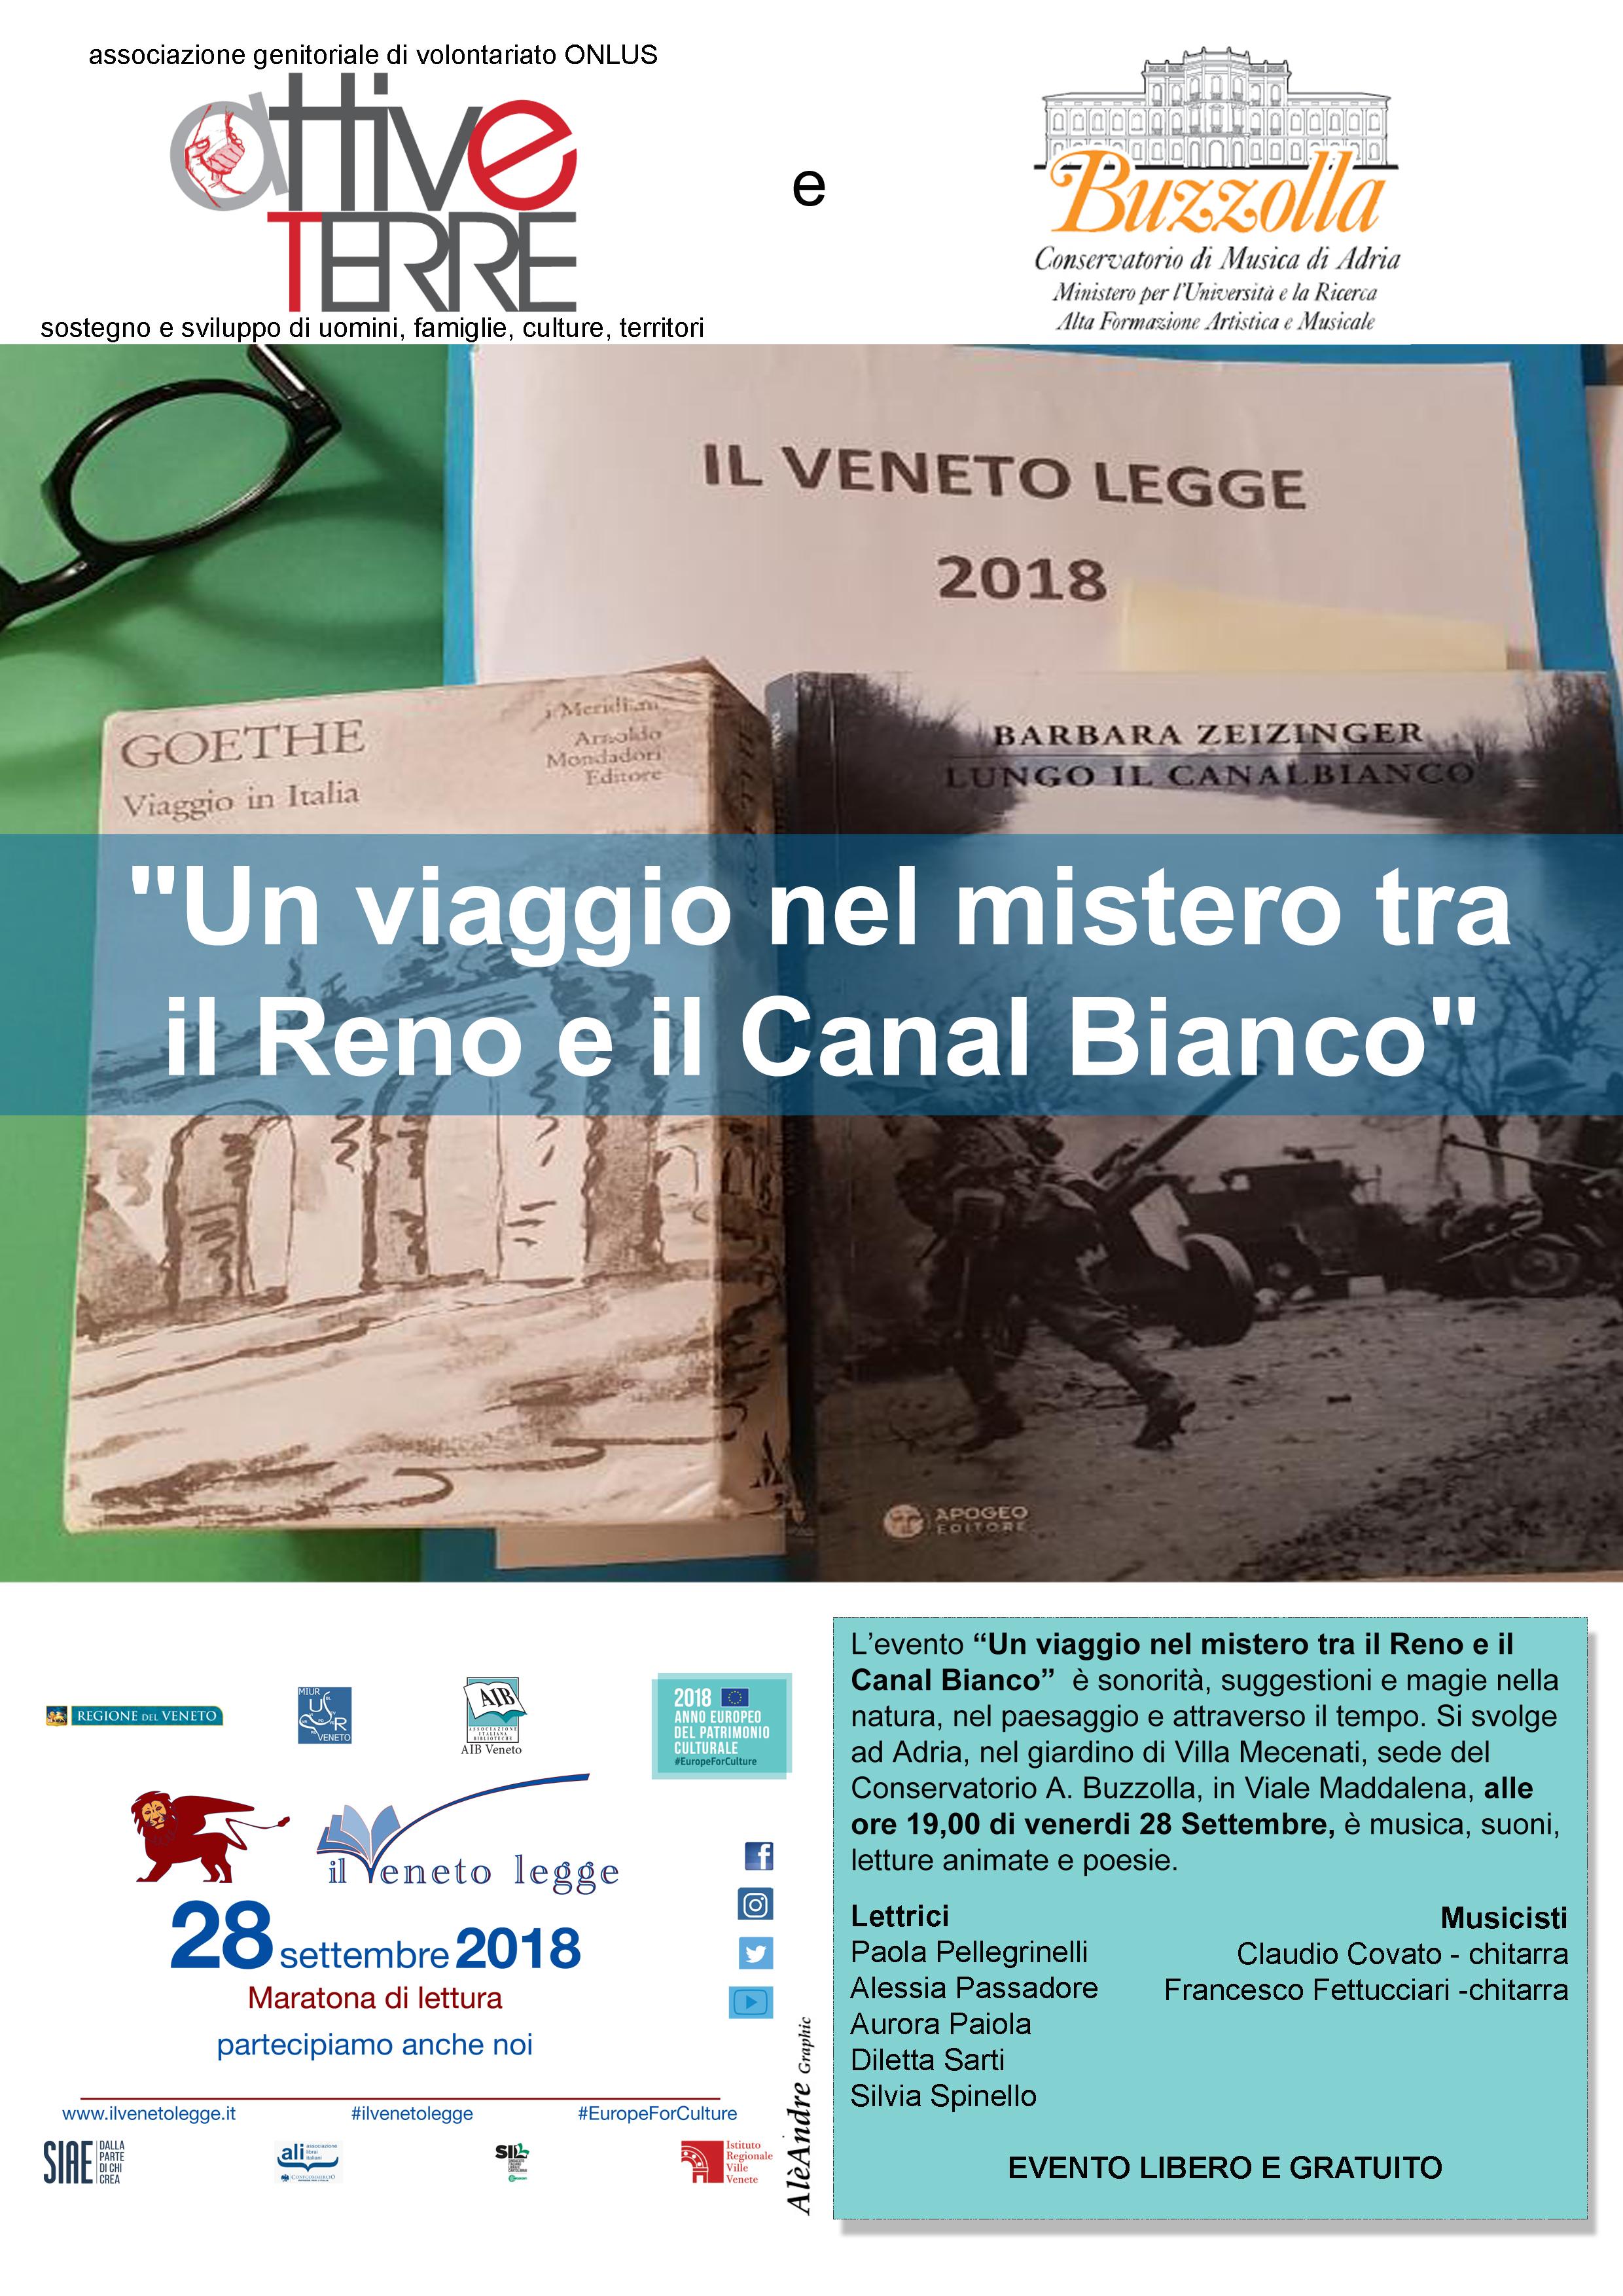 28 settembre 2018, ore 19.00 Giardino di Villa Mecenati – Il Veneto Legge